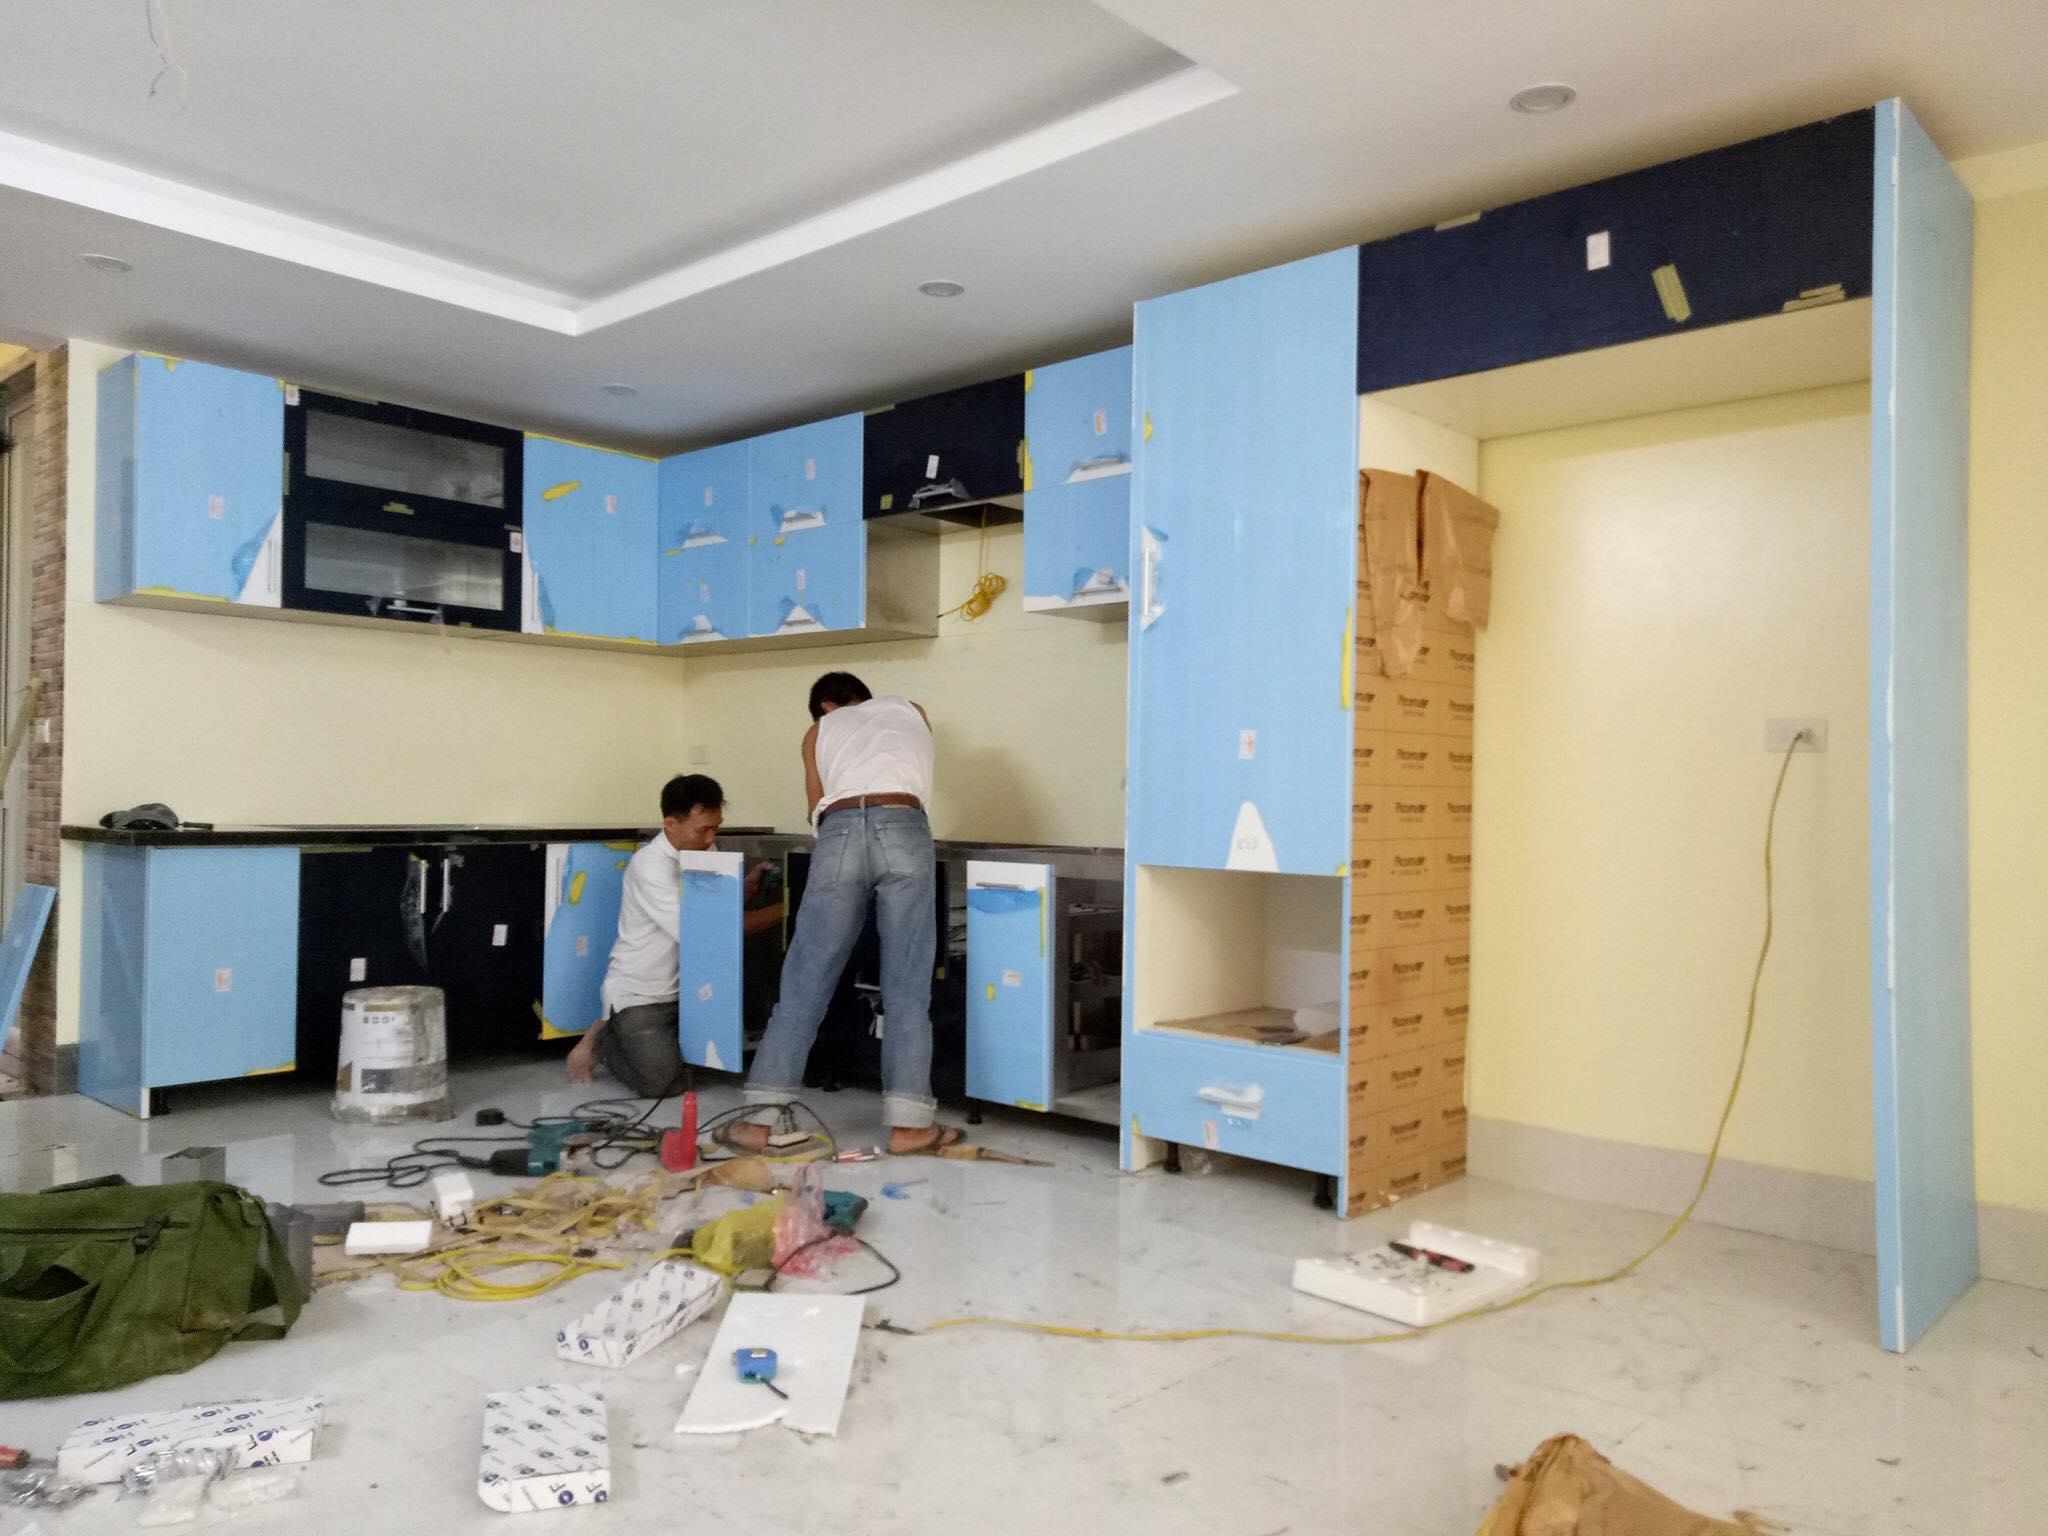 Các thợ tay nghề cao bên Acado đang thi công lắp đặt thiết bị bếp